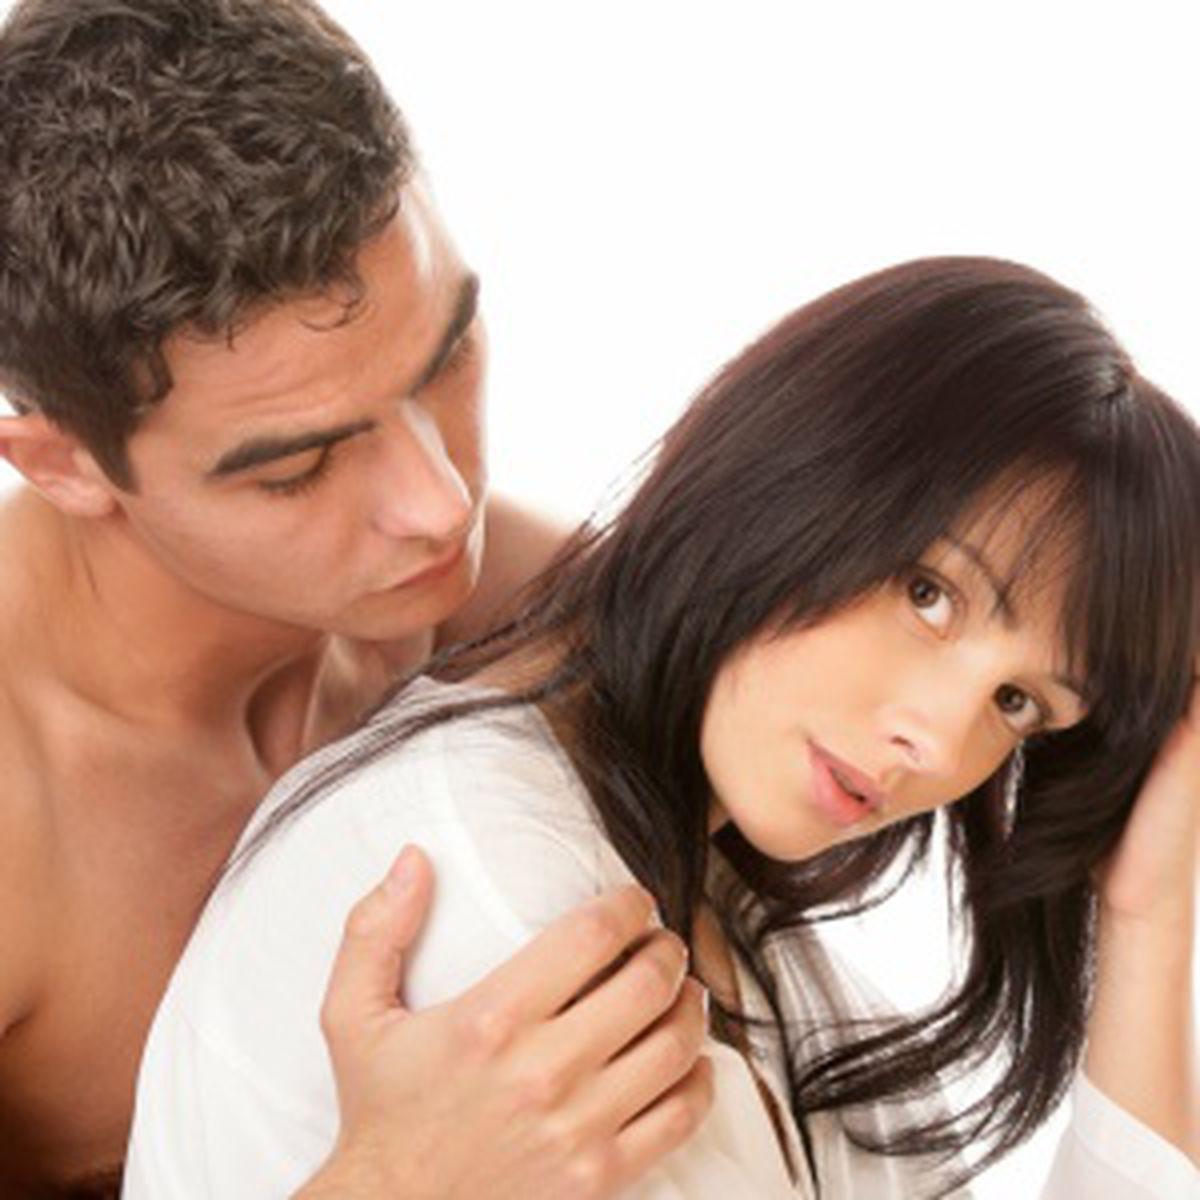 Fantezii erotice - Prima data - Deepthorat sau tehnicagatului adanc